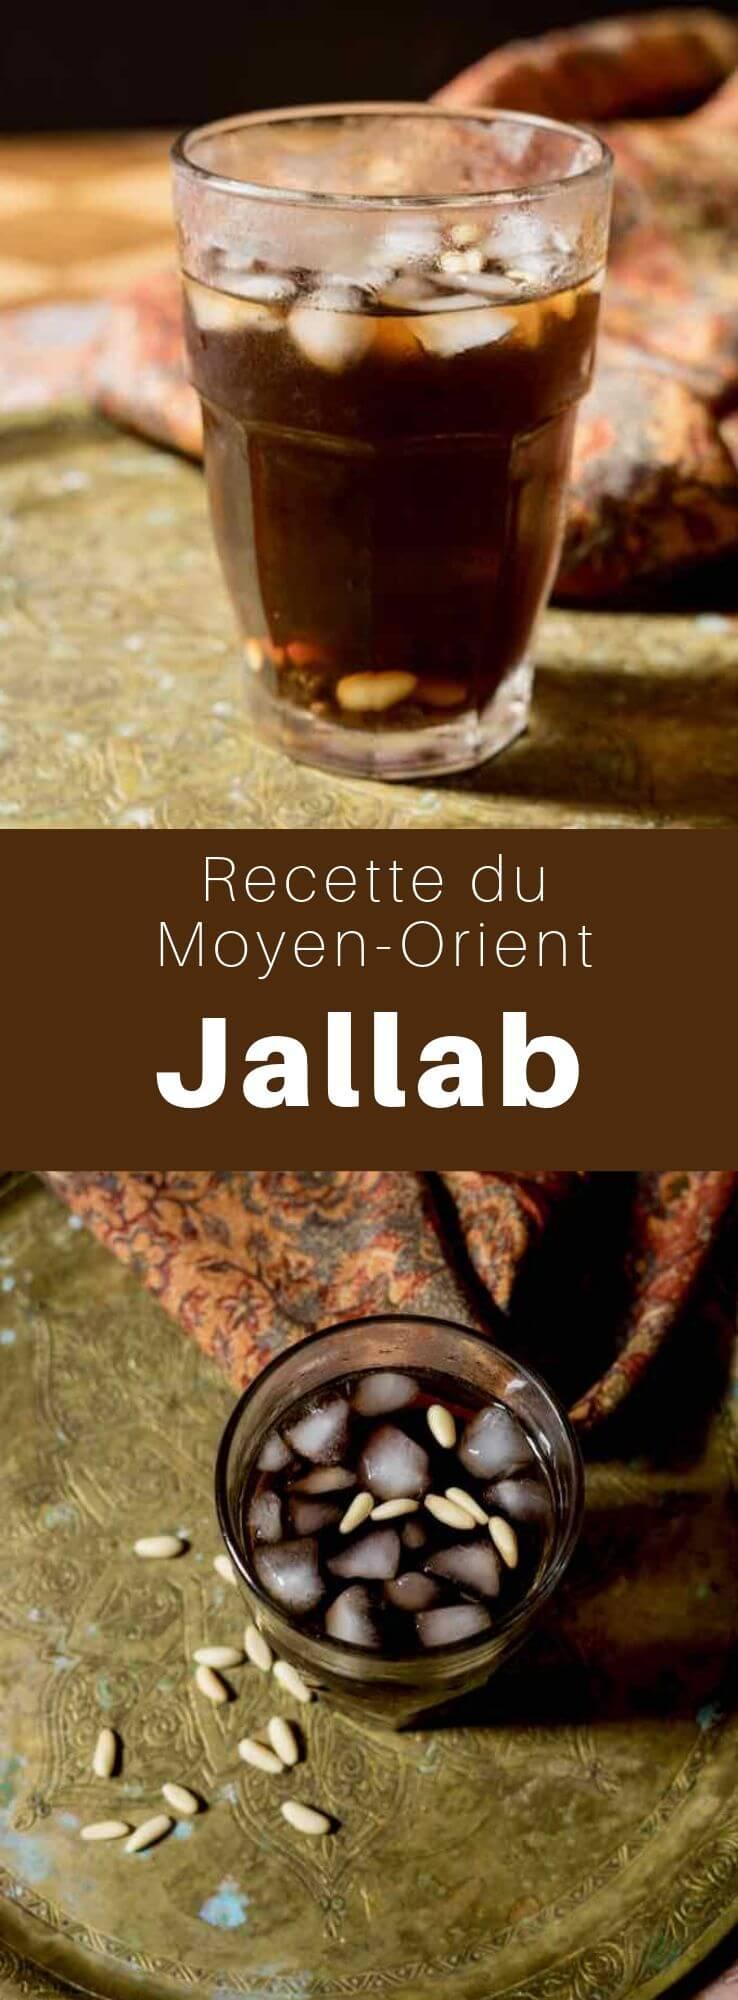 Le jallab est un sirop de fruits populaire au Moyen-Orient, à base de mélasse de caroube, de dattes, et de raisin. Il est surtout très réputé en Jordanie, en Syrie, et au Liban. #CuisineSyrienne #RecetteSyrienne #Syrie #CuisineMoyenOrientale #MoyenOrient #CuisineArabe #RecetteArabe #CuisineDuMonde #196flavors